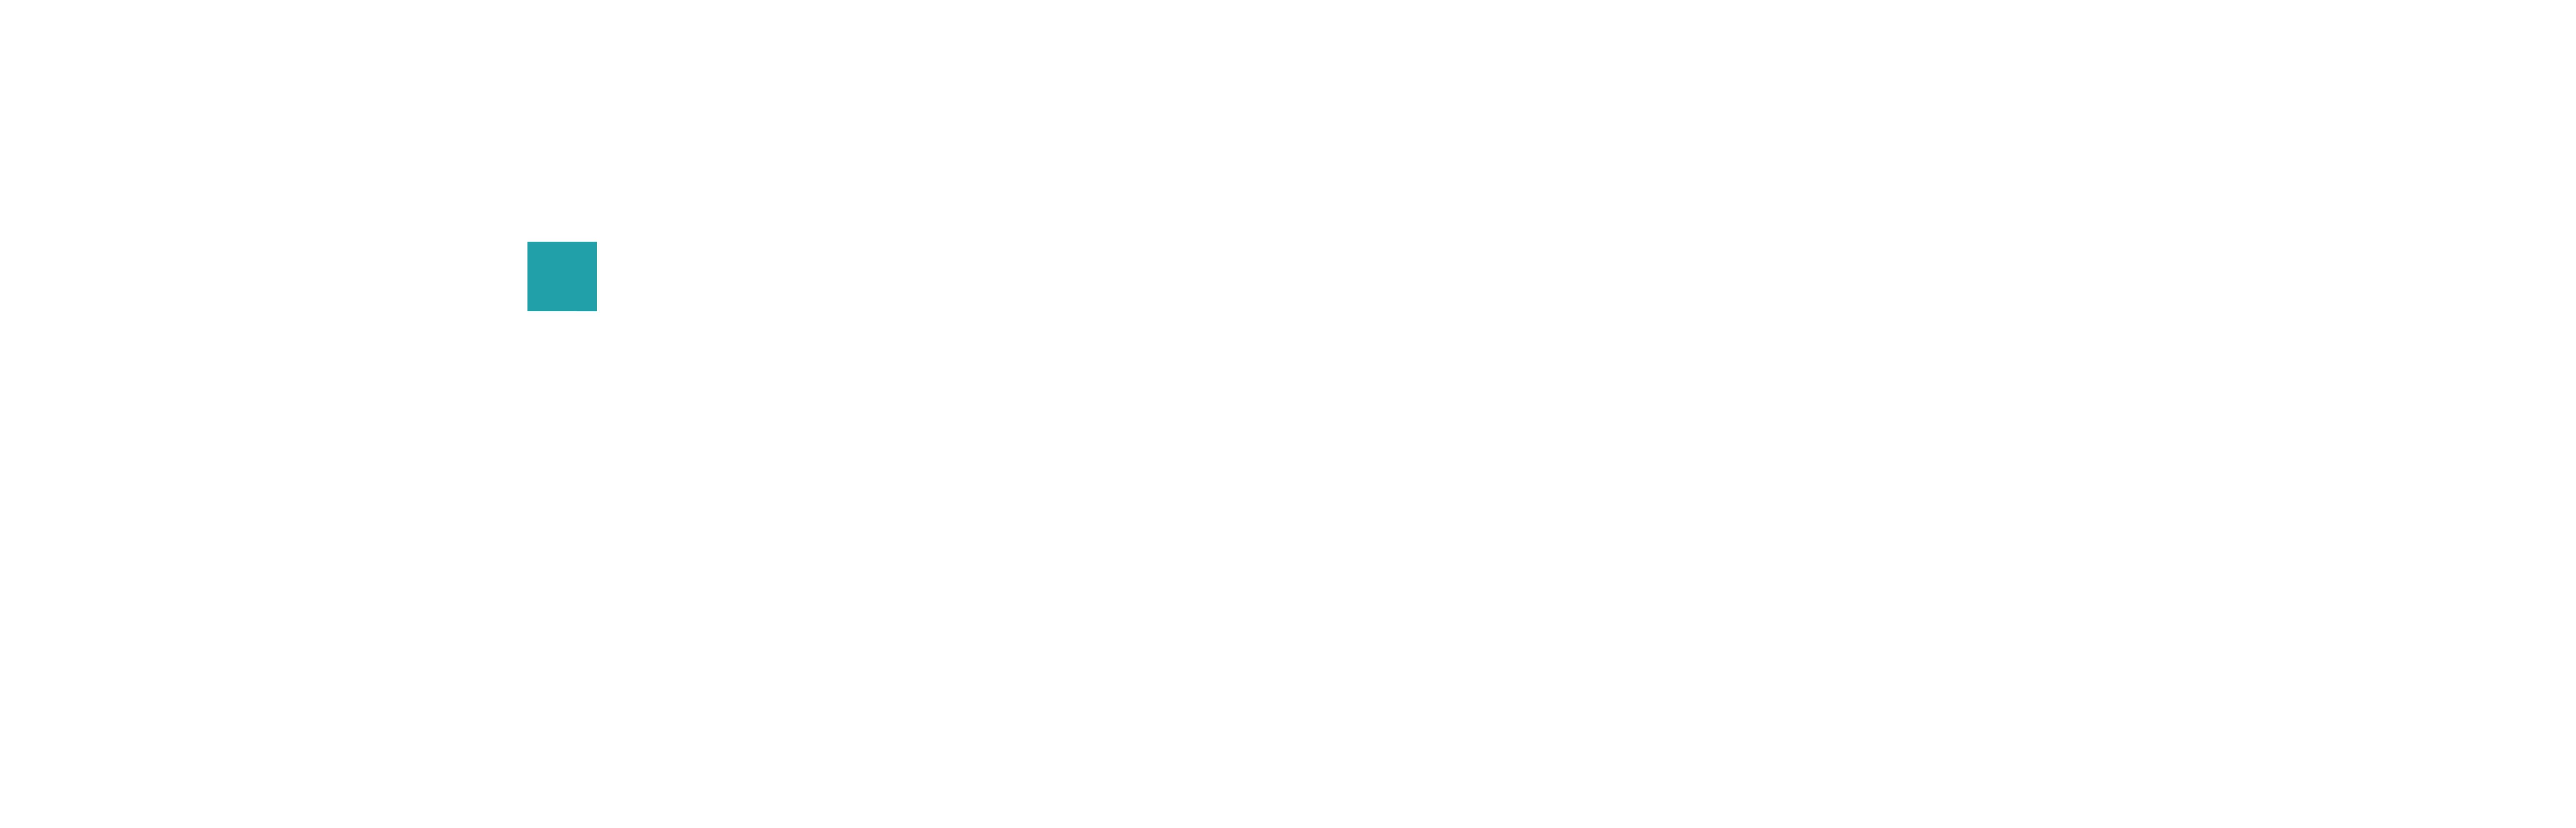 オレコンのロゴ